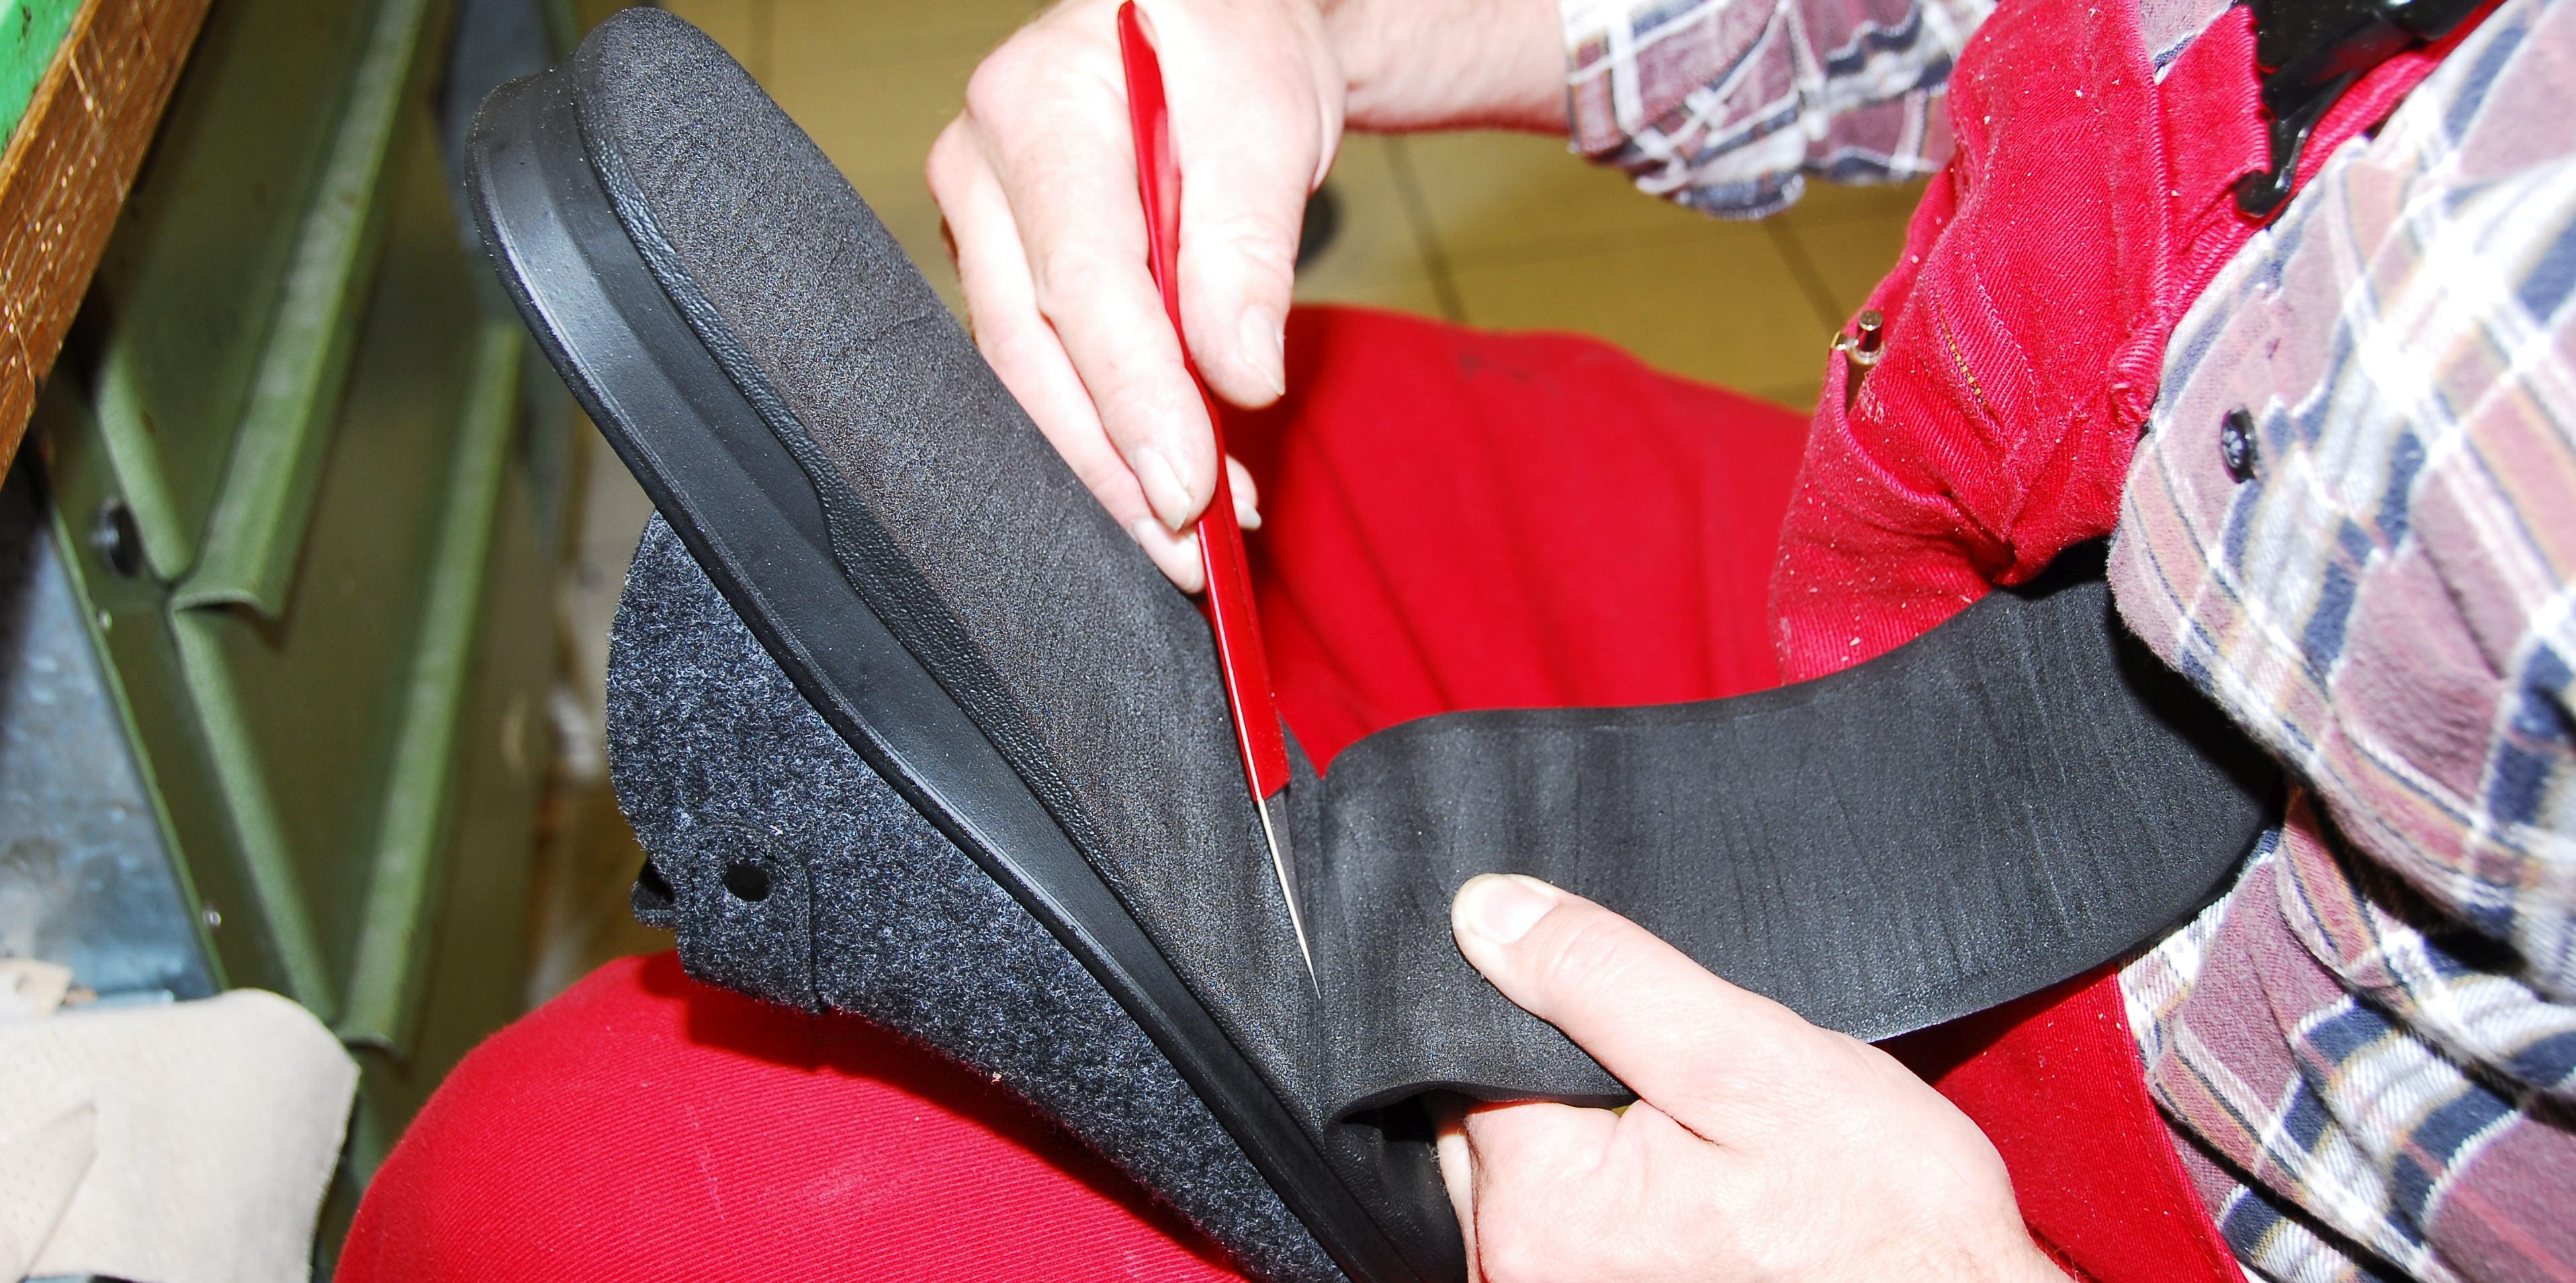 Schuhzurichtung, Schuherhöhungen, Abrollhilfen, Schmetterlingsrollen, Außenranderhöhungen